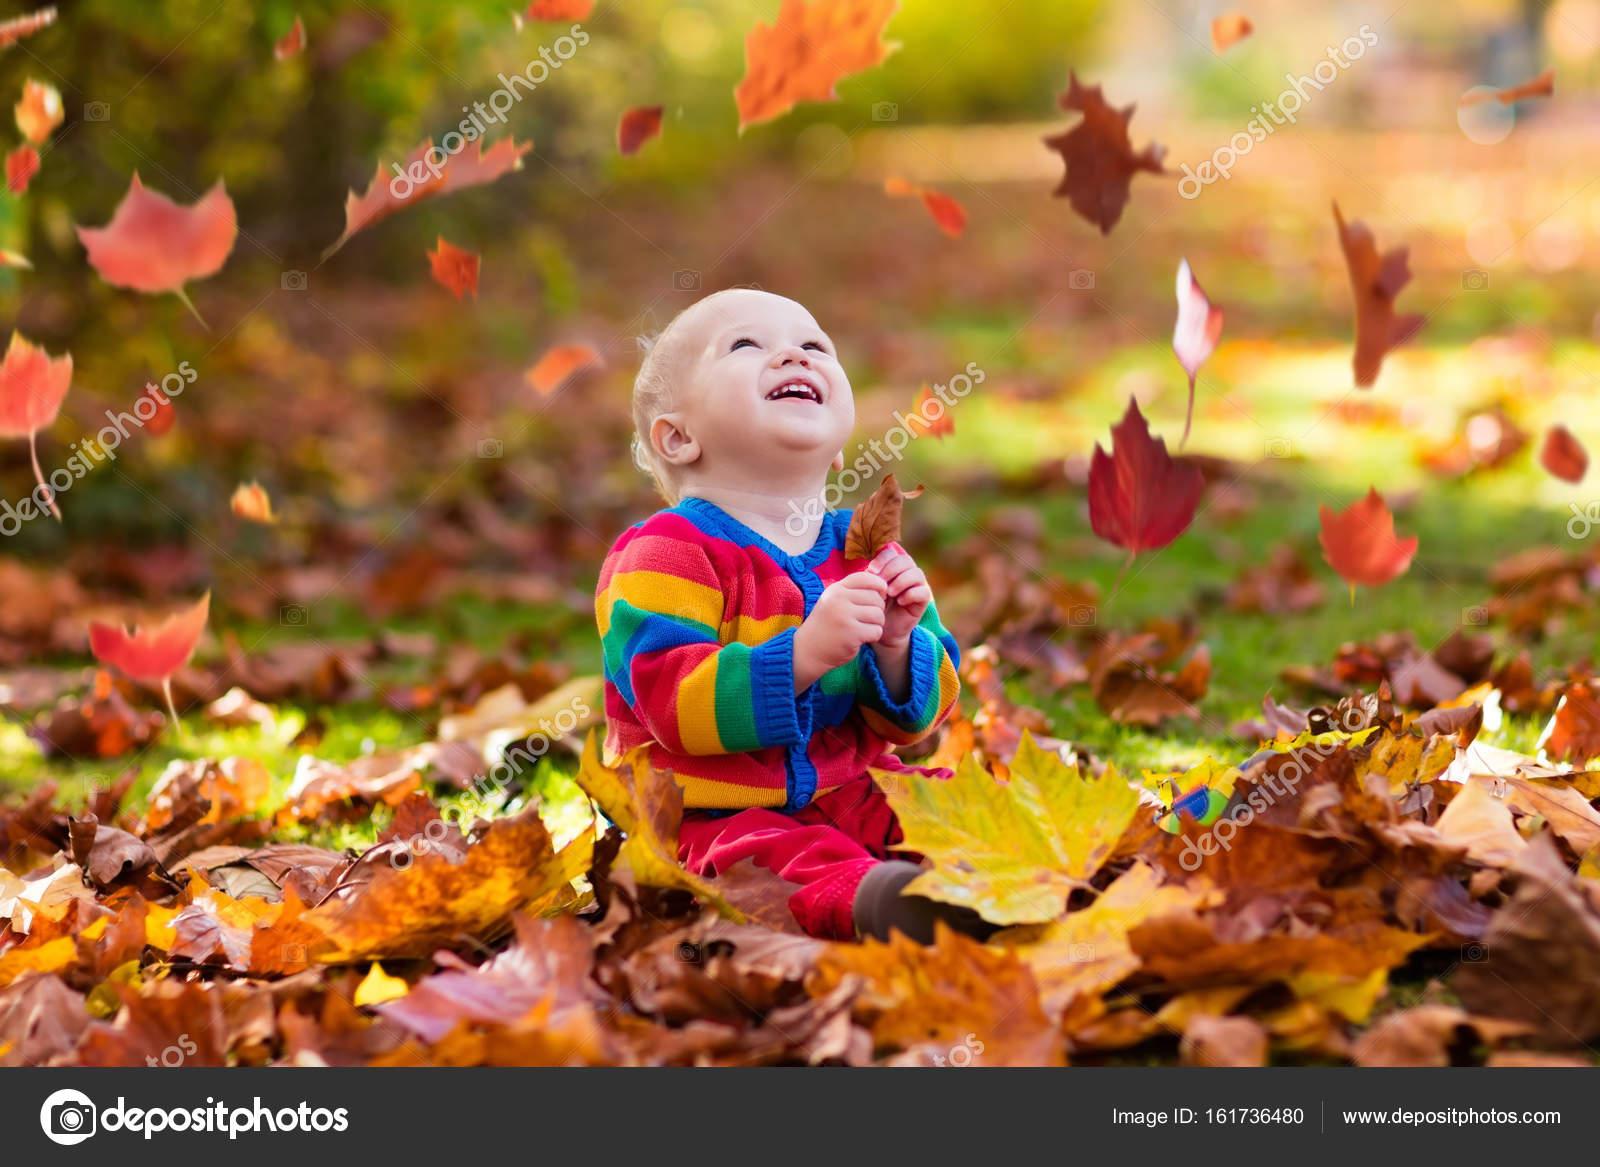 Enfants s amuseront dans parc automne. Enfants jetant les feuilles jaunes  et rouges. Bébé avec feuilles de chênes et d érables. Feuillage d automne. 8d7625c582a